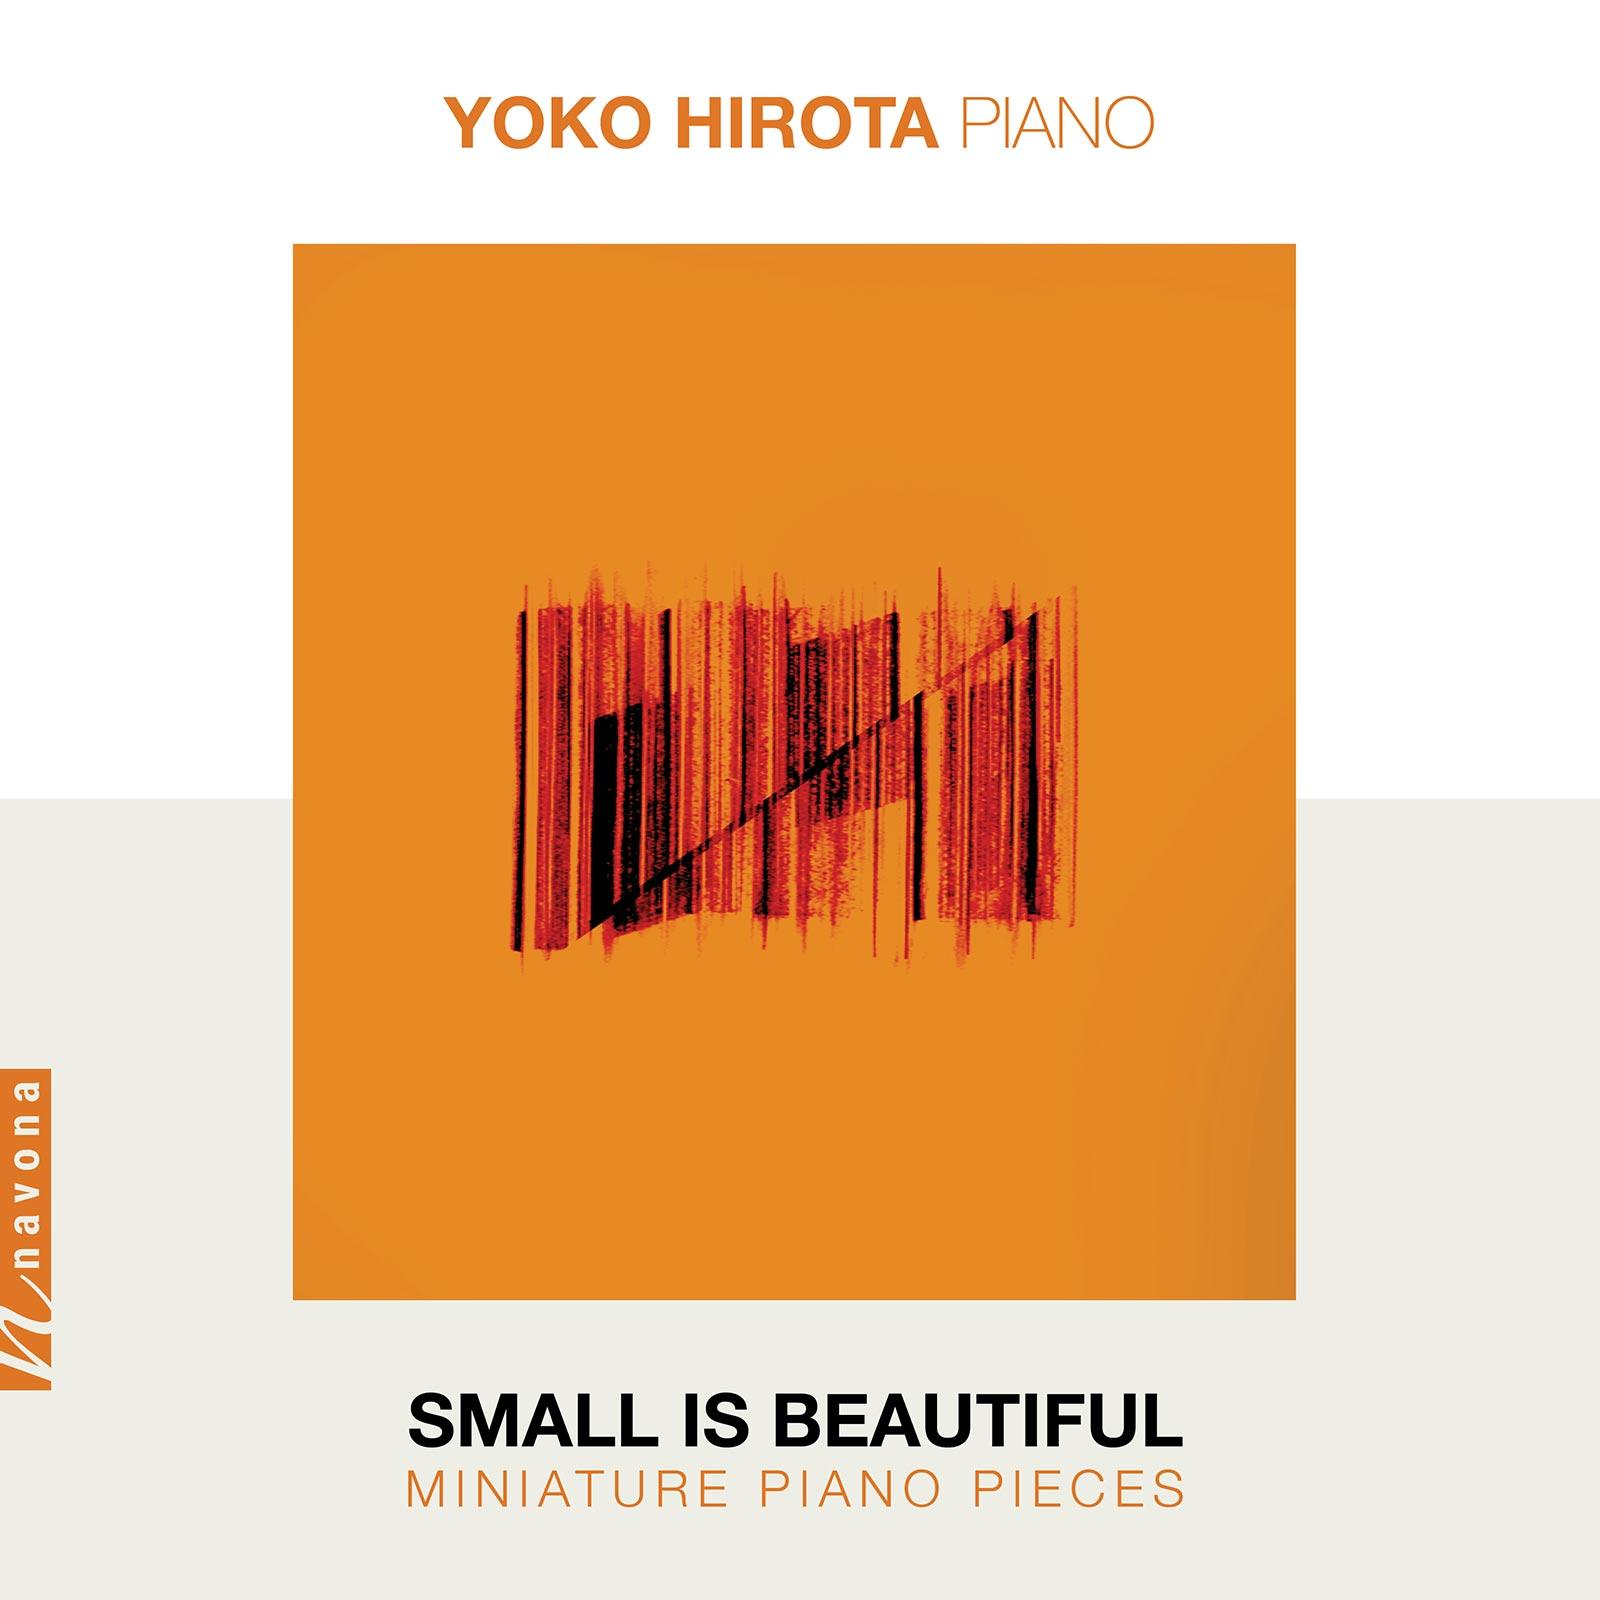 SMALL IS BEAUTIFUL - Yoko Hirota - Album Cover